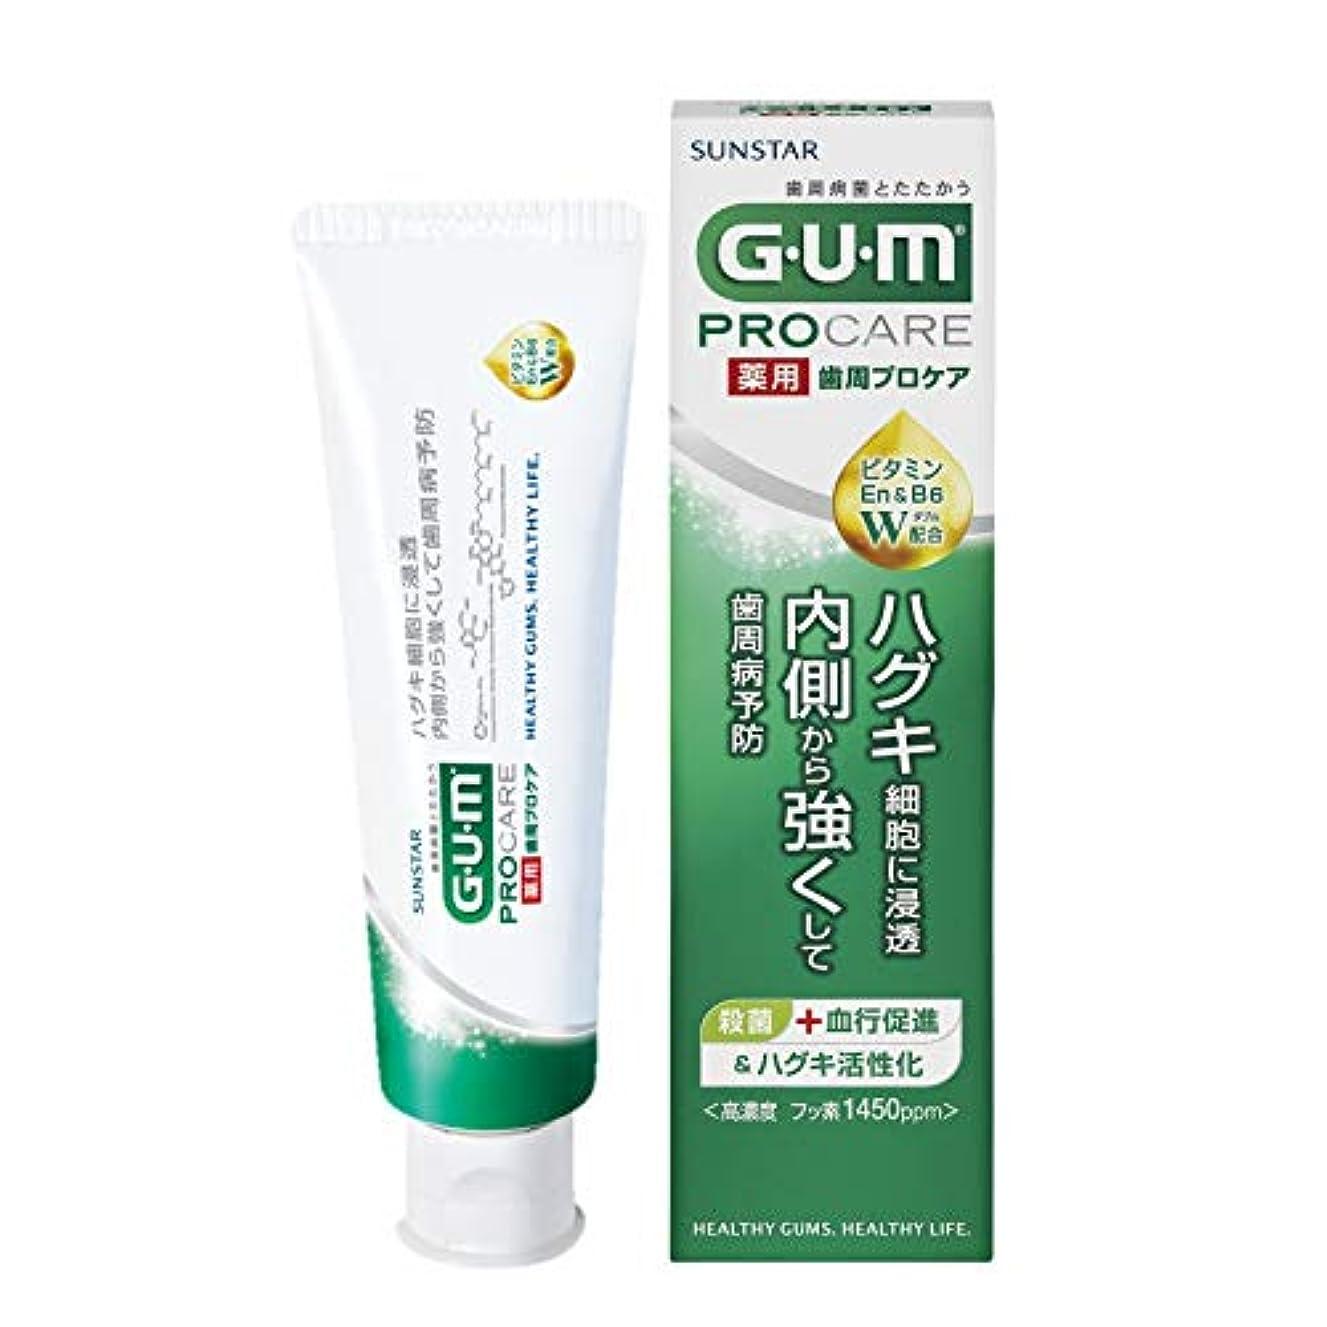 是正する無条件荒廃する[医薬部外品] GUM(ガム) 歯周プロケア 歯みがき 90g <歯周病予防 ハグキケア 高濃度フッ素配合 1450ppm>